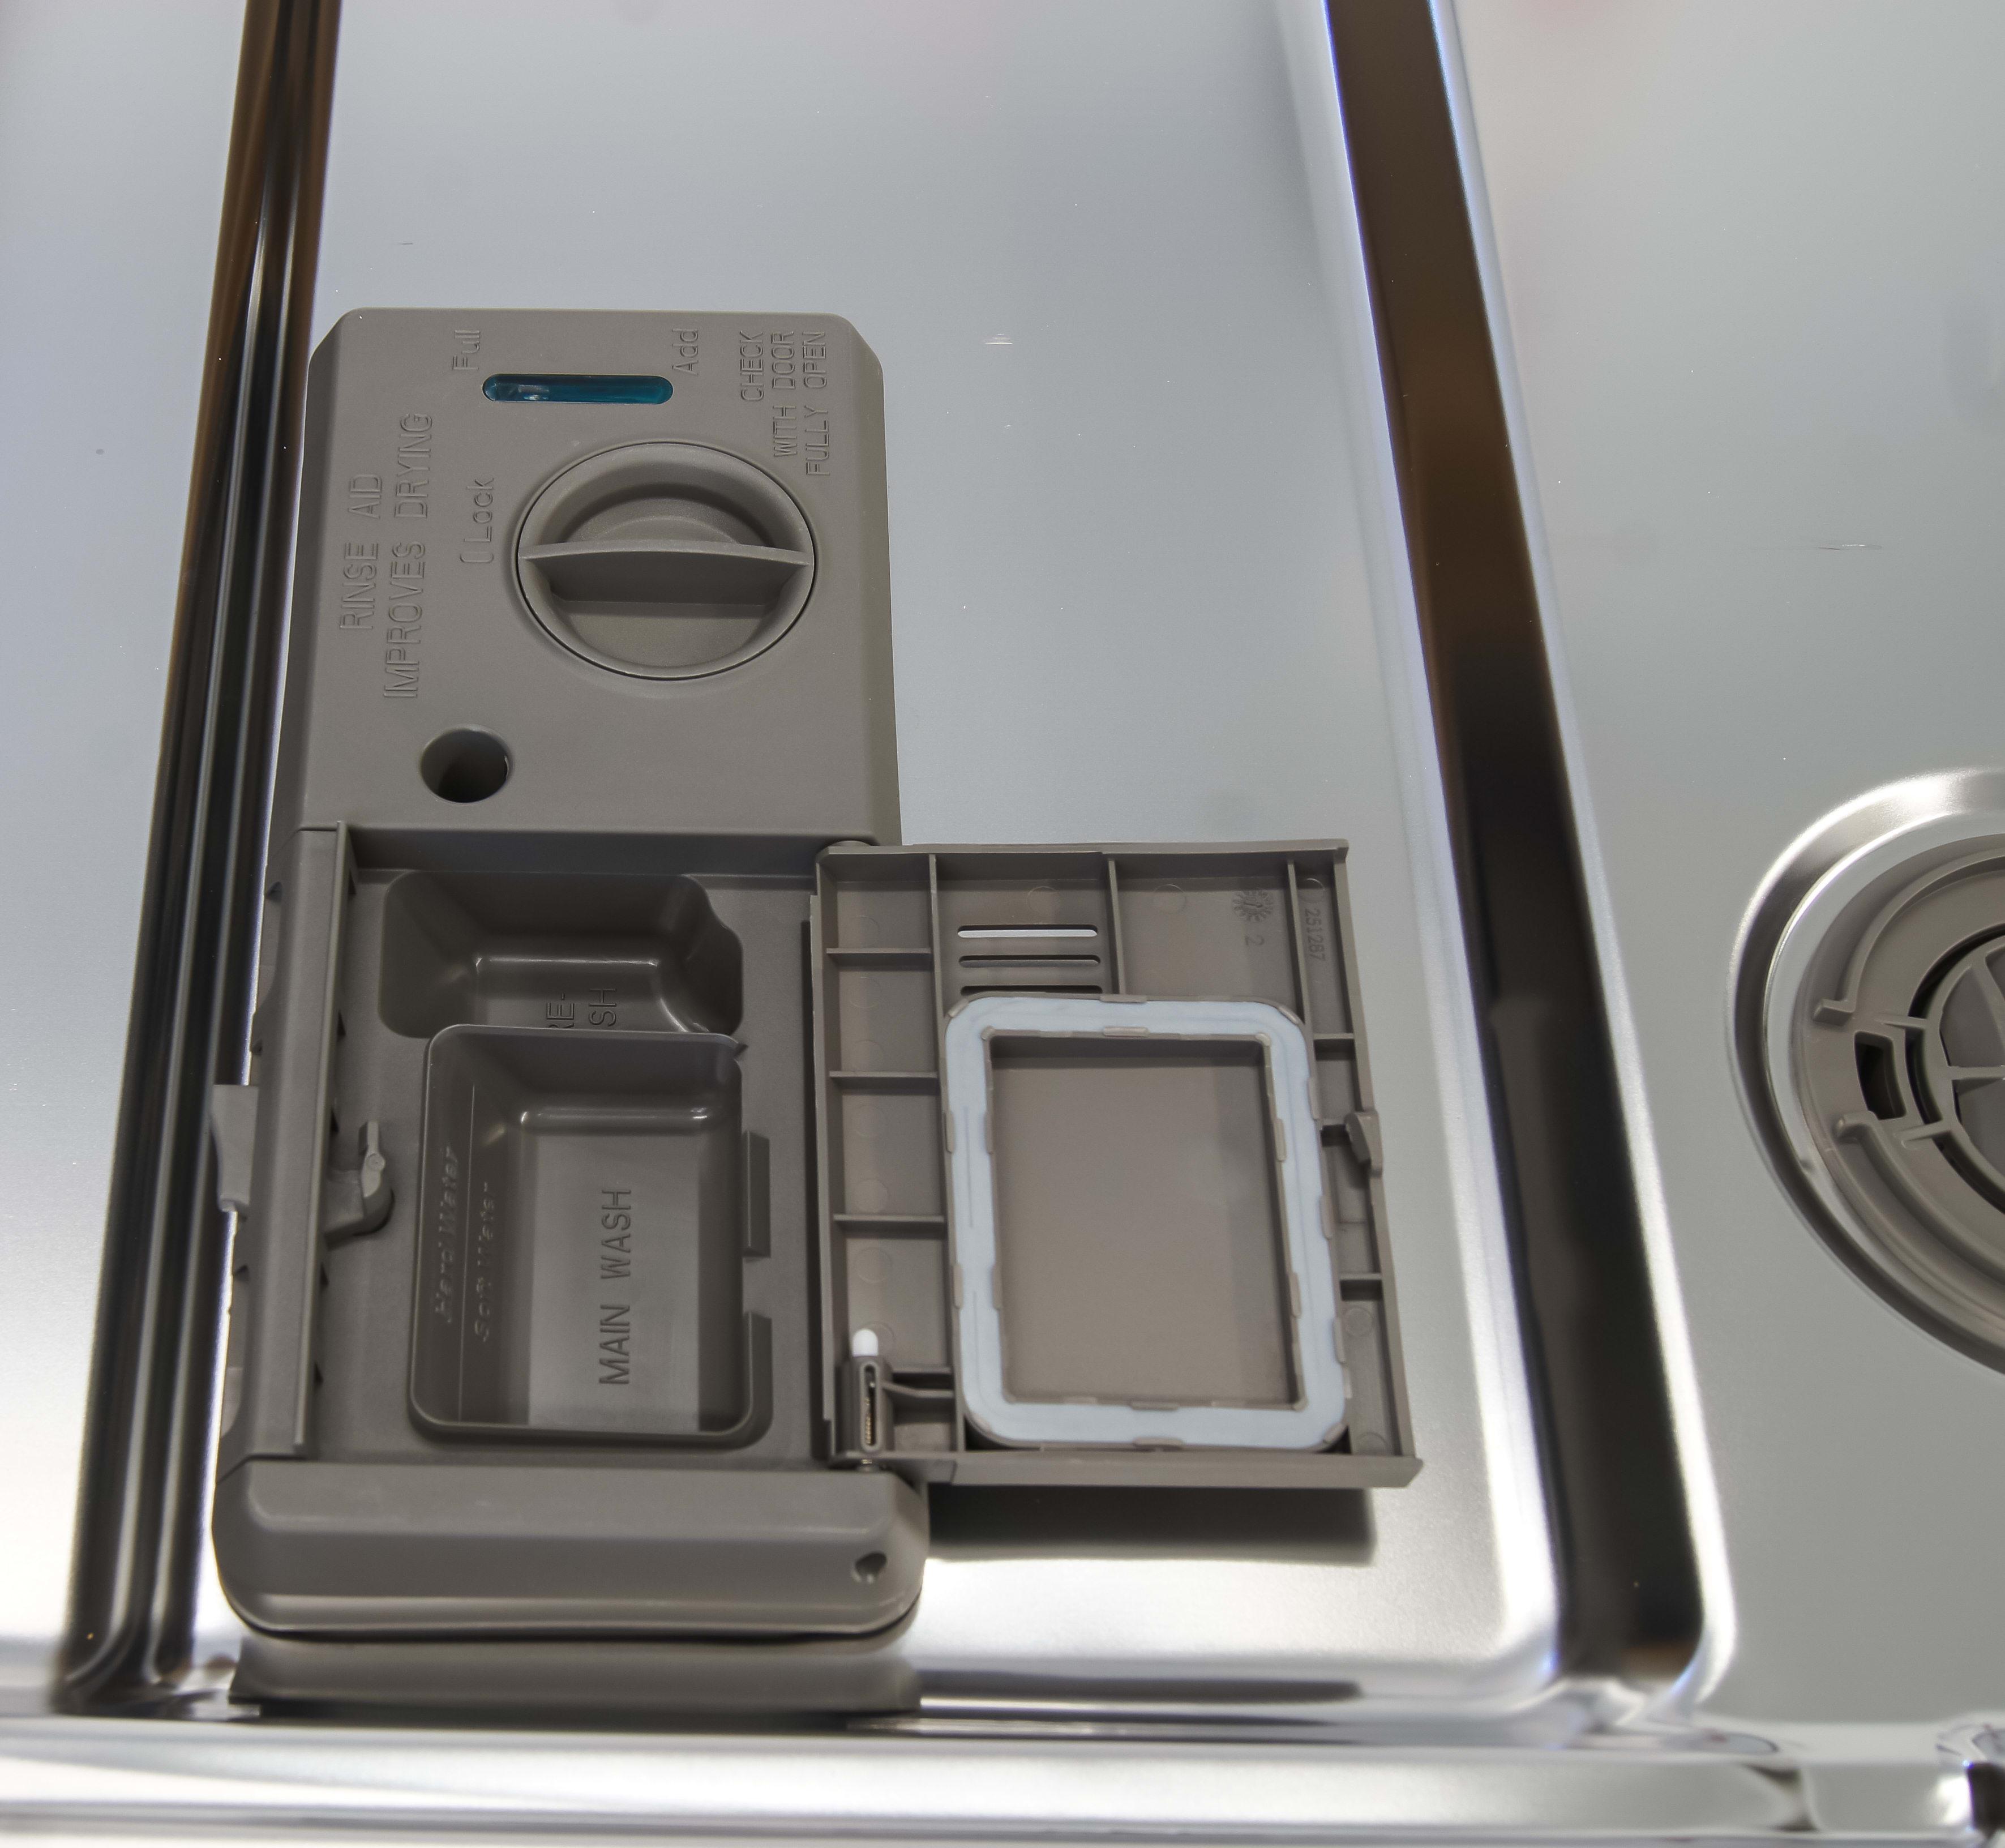 KitchenAid KDTM354DSS dispenser